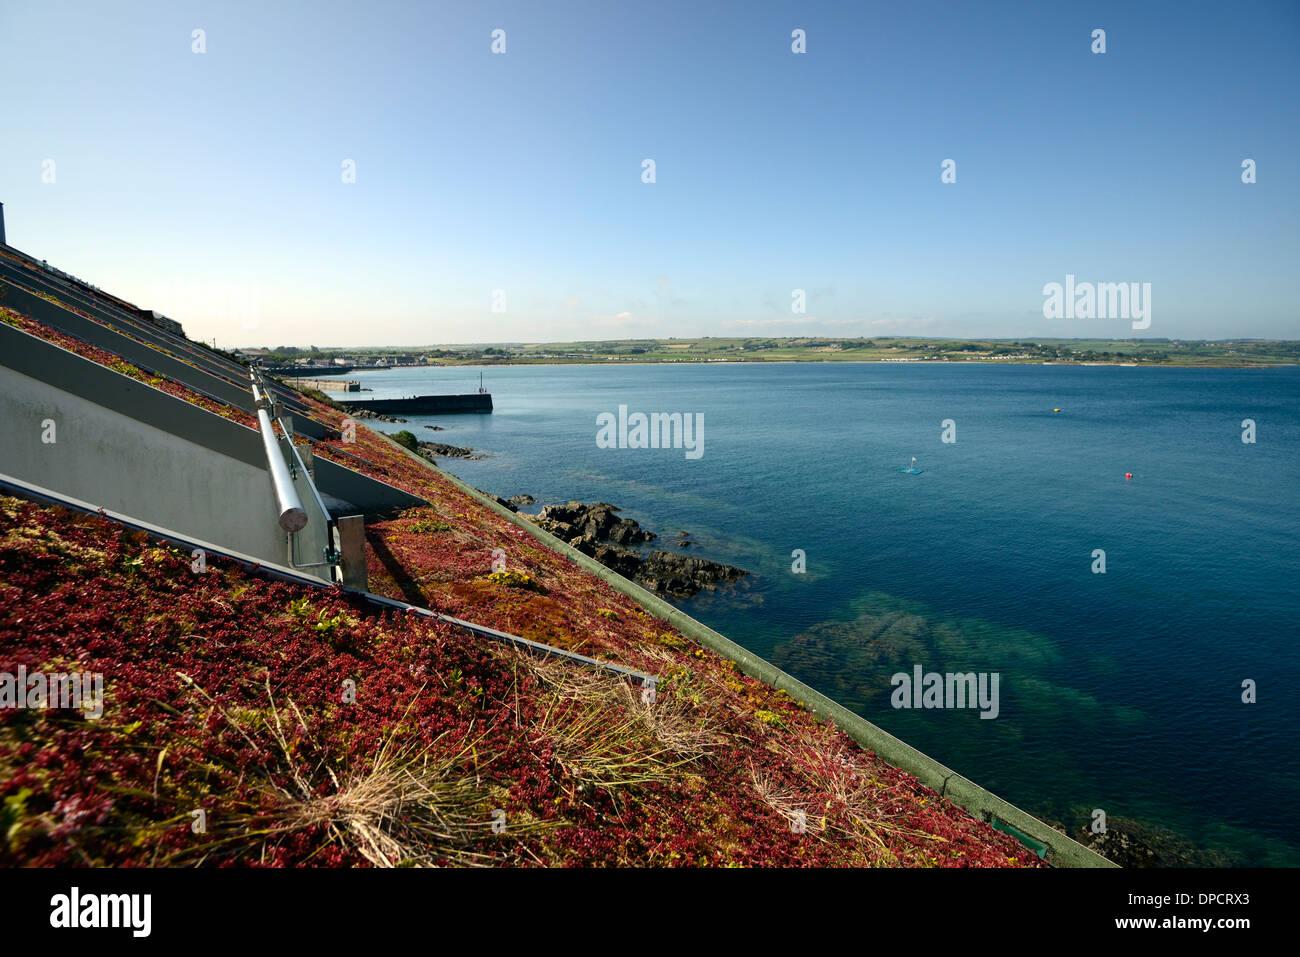 saftige live Leben Gründach Gebäude mit Blick auf Meer landschaftlich natürlich aussehende Mischung in die Umgebung einfügt Stockbild